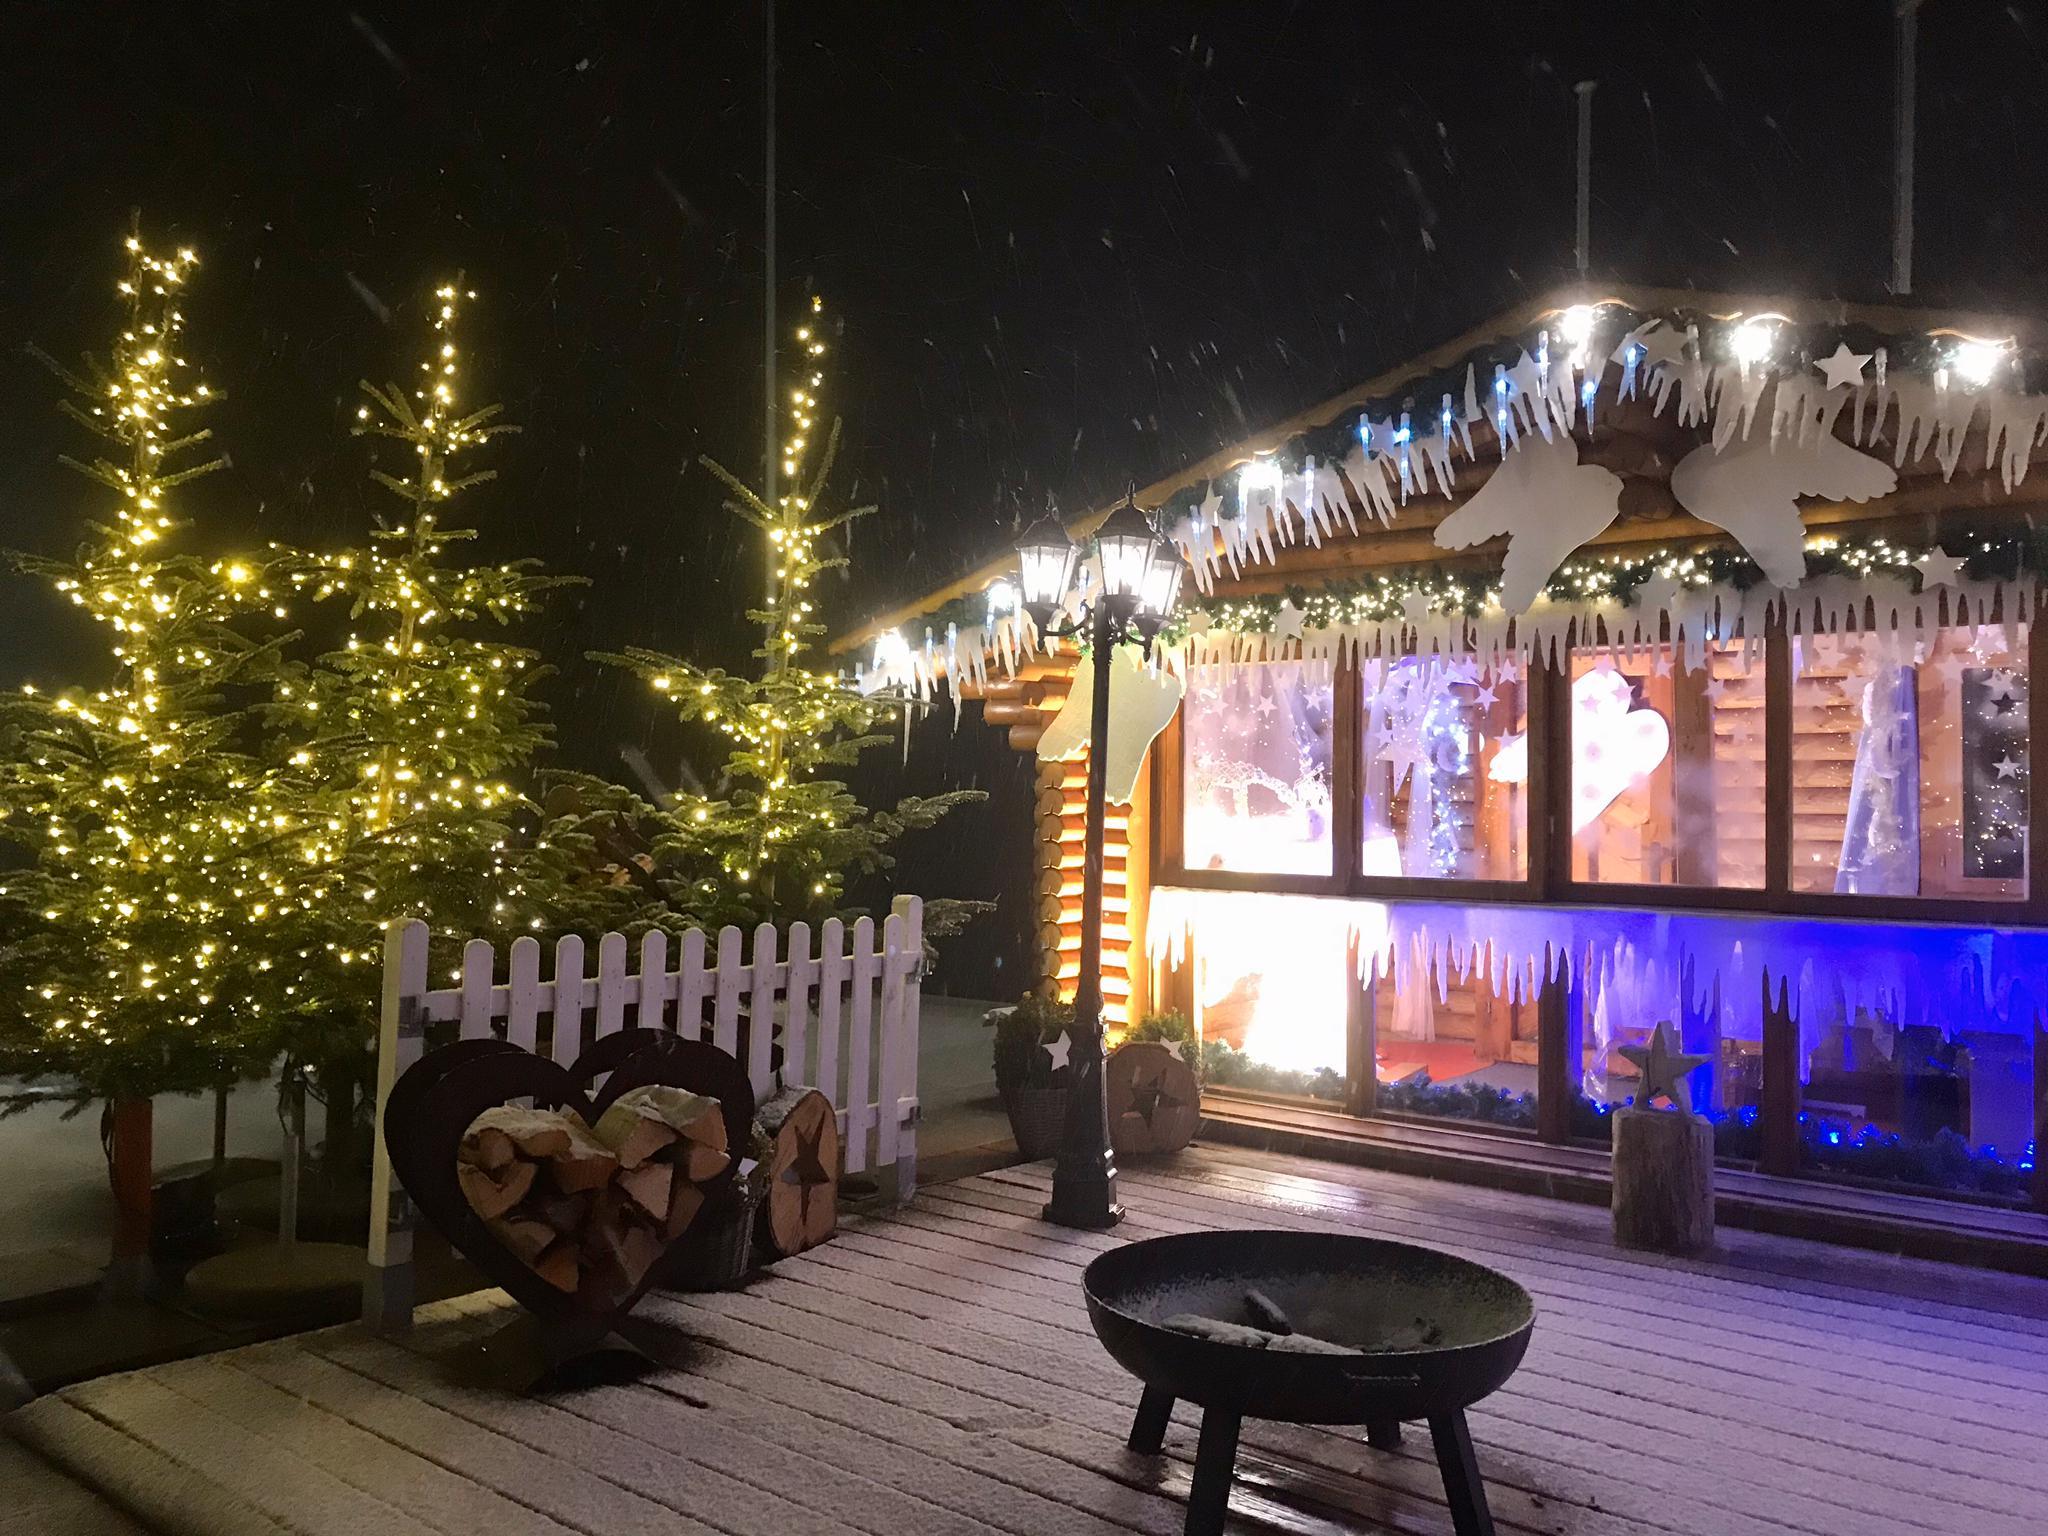 17.01.2020 Winterplausch Raten/Gottschalkenberg